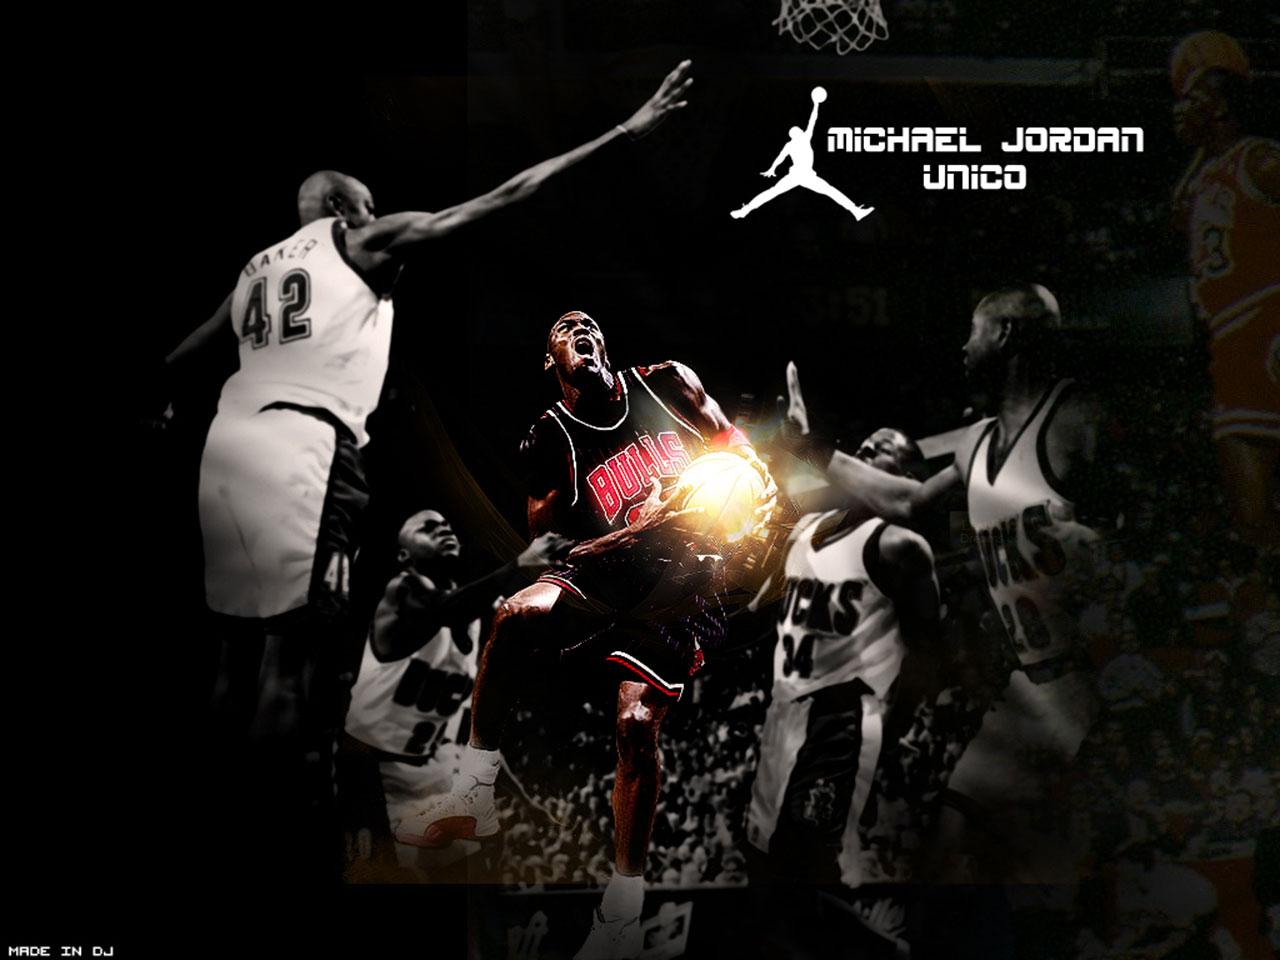 http://3.bp.blogspot.com/-ofT0wqz3uy4/Ta79oPO6F6I/AAAAAAAAEGk/Idyb9m5K17w/s1600/Michael-Jordan-Wallpaper-001.jpg